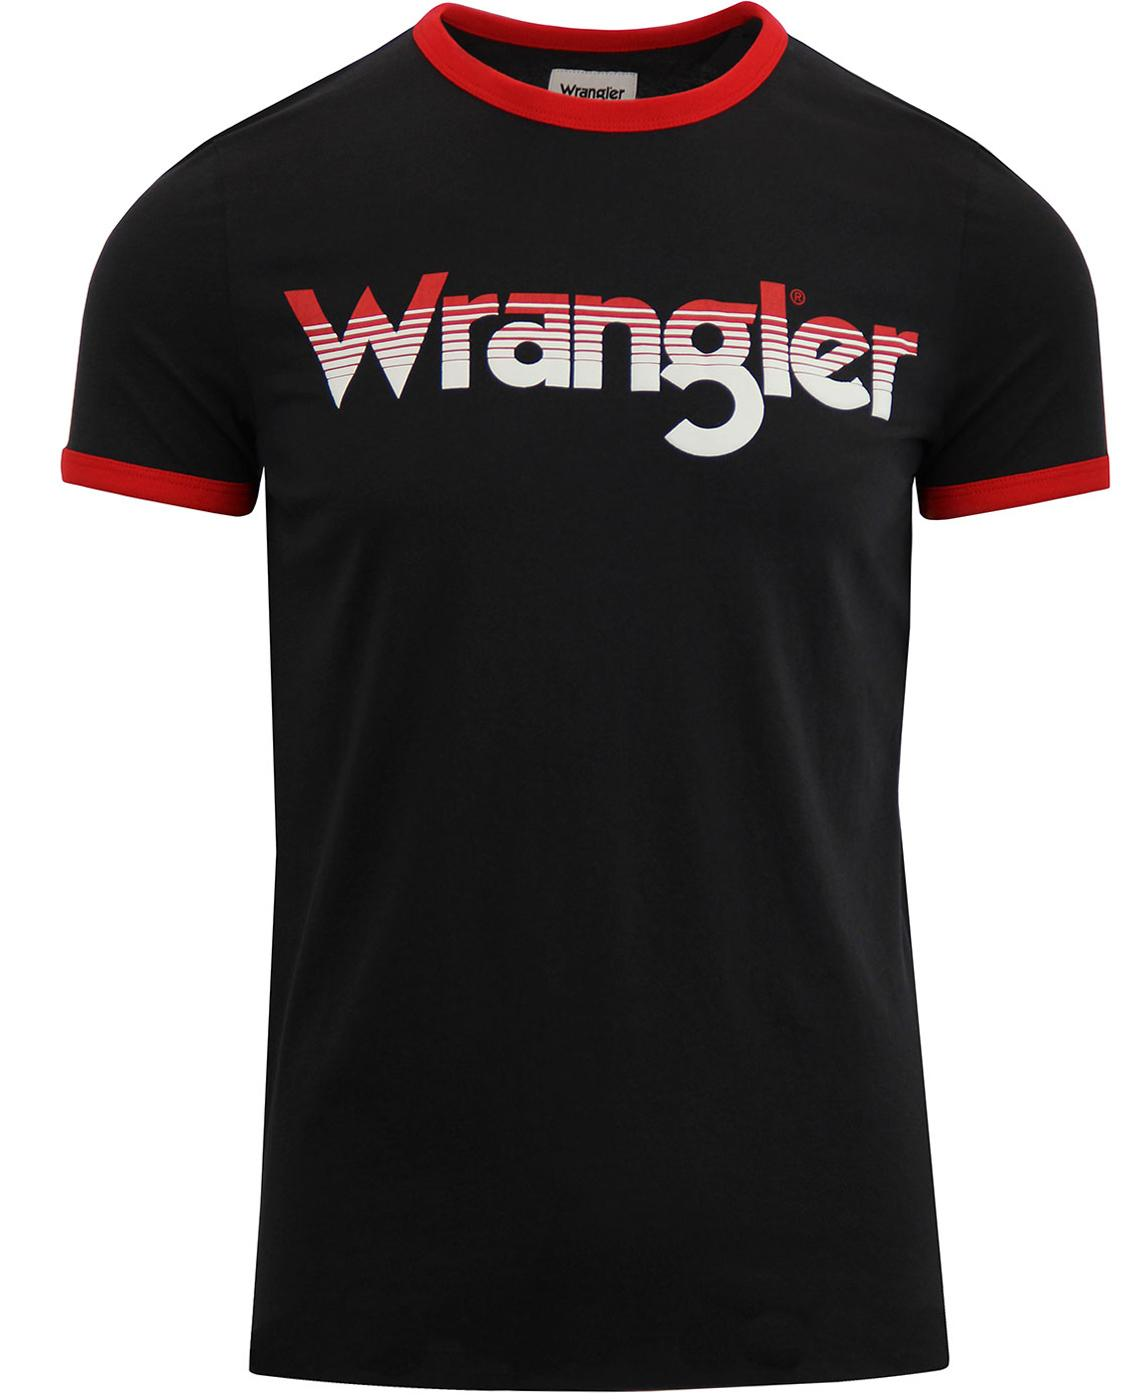 WRANGLER Men's Retro 70s Ringer Logo T-Shirt